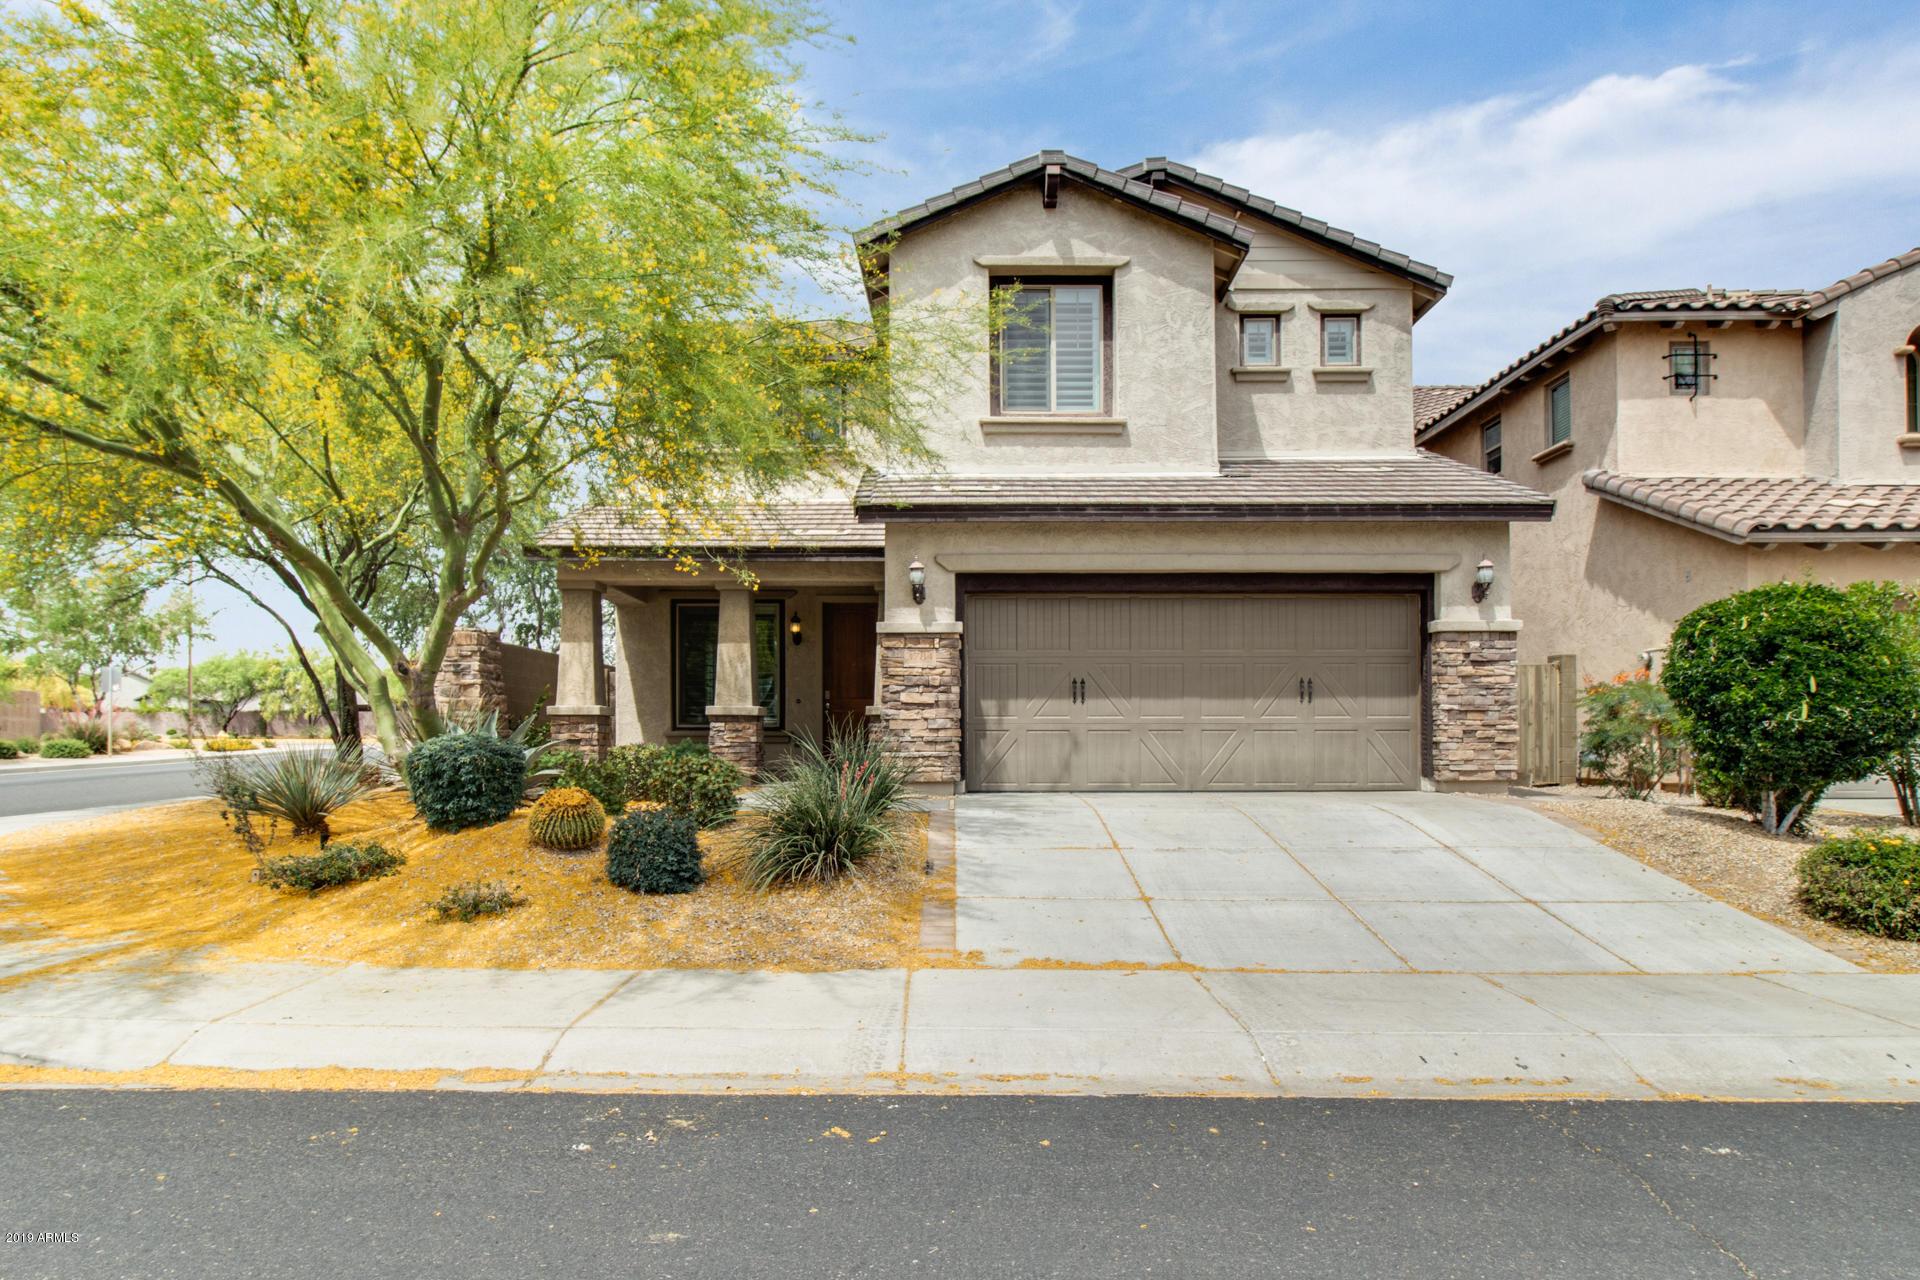 Photo for 3784 E Matthew Drive, Phoenix, AZ 85050 (MLS # 5924164)